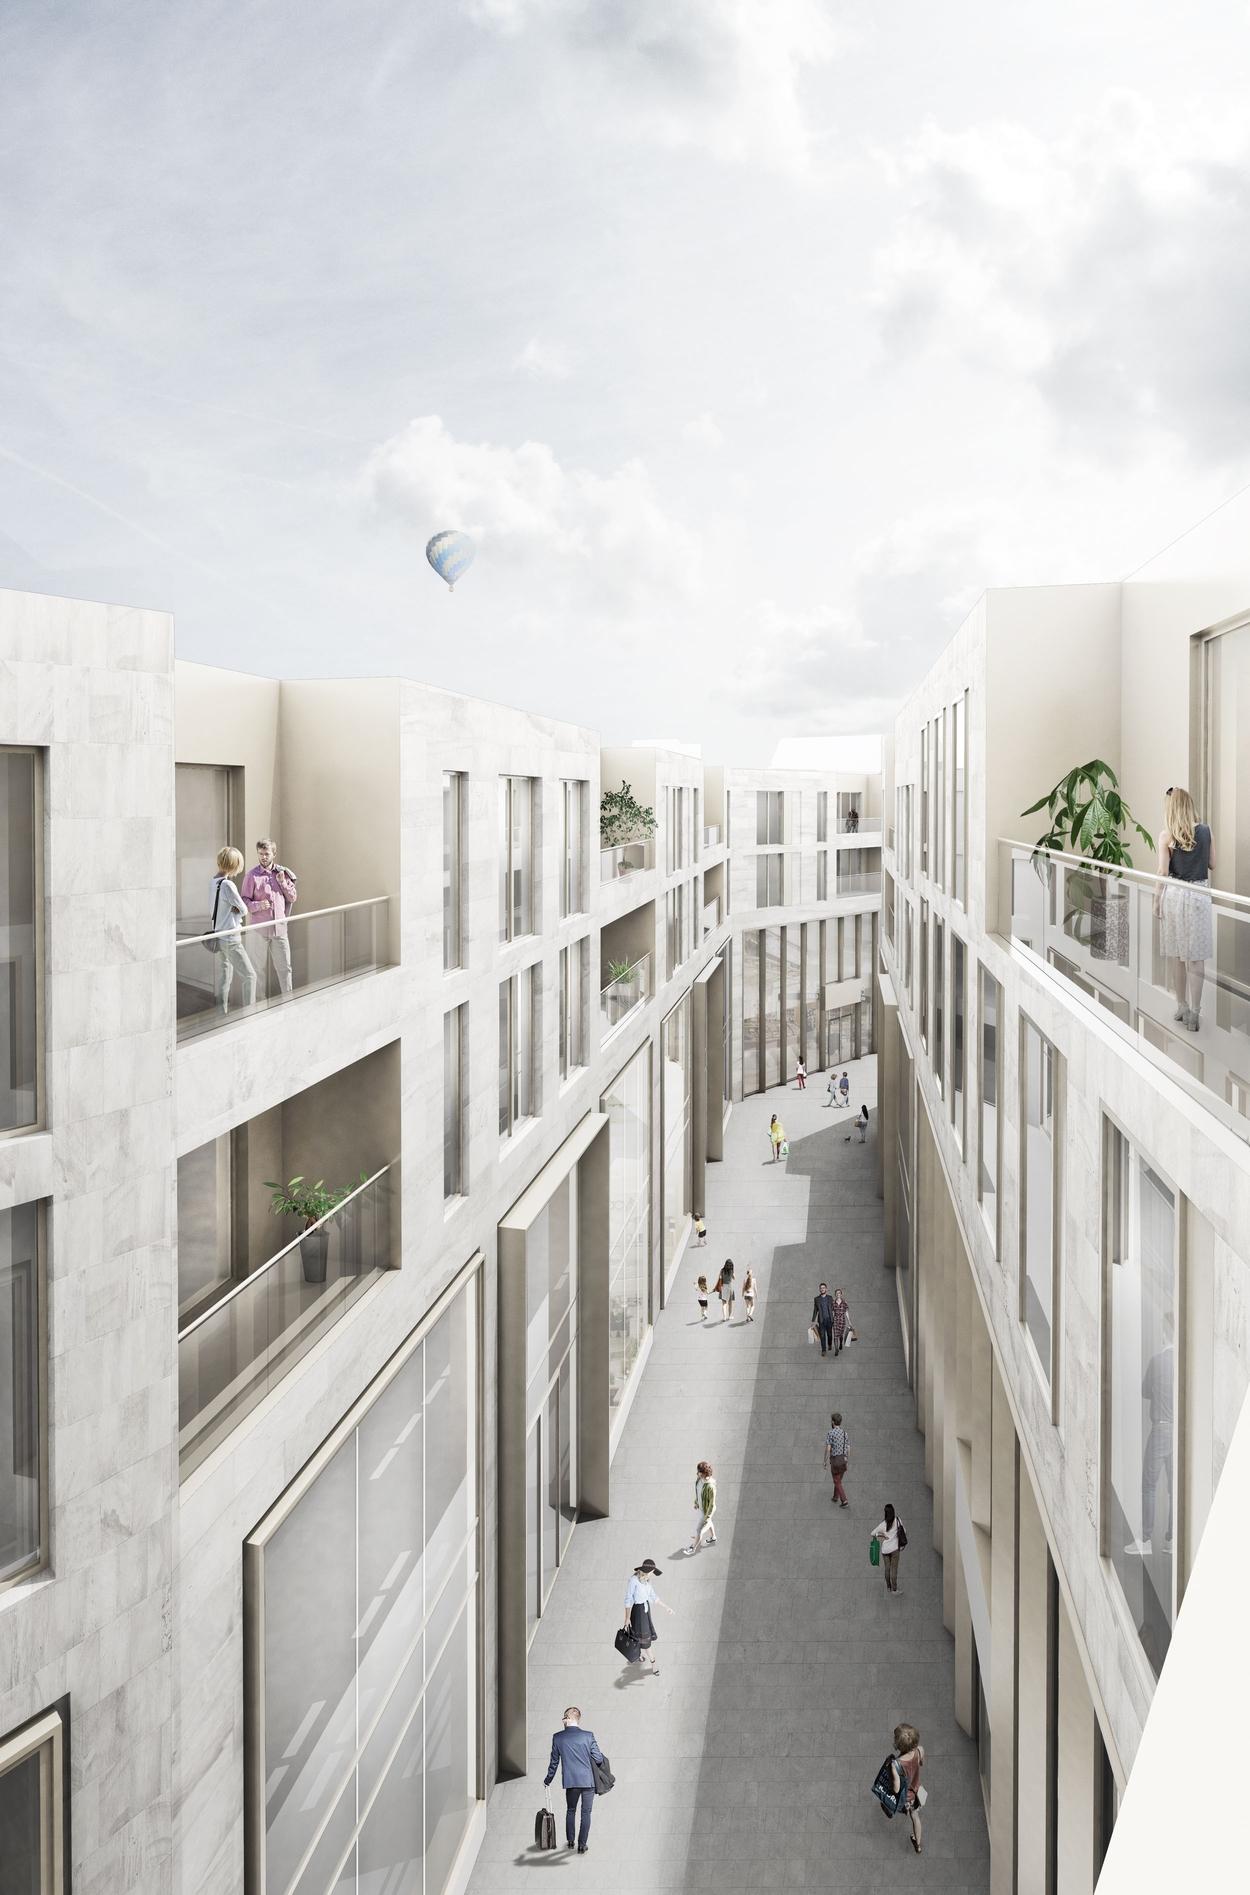 Bild: http://www.deutsches-architektur-forum.de/pics/schmittchen/braunschweig_burgpassage_03.jpg